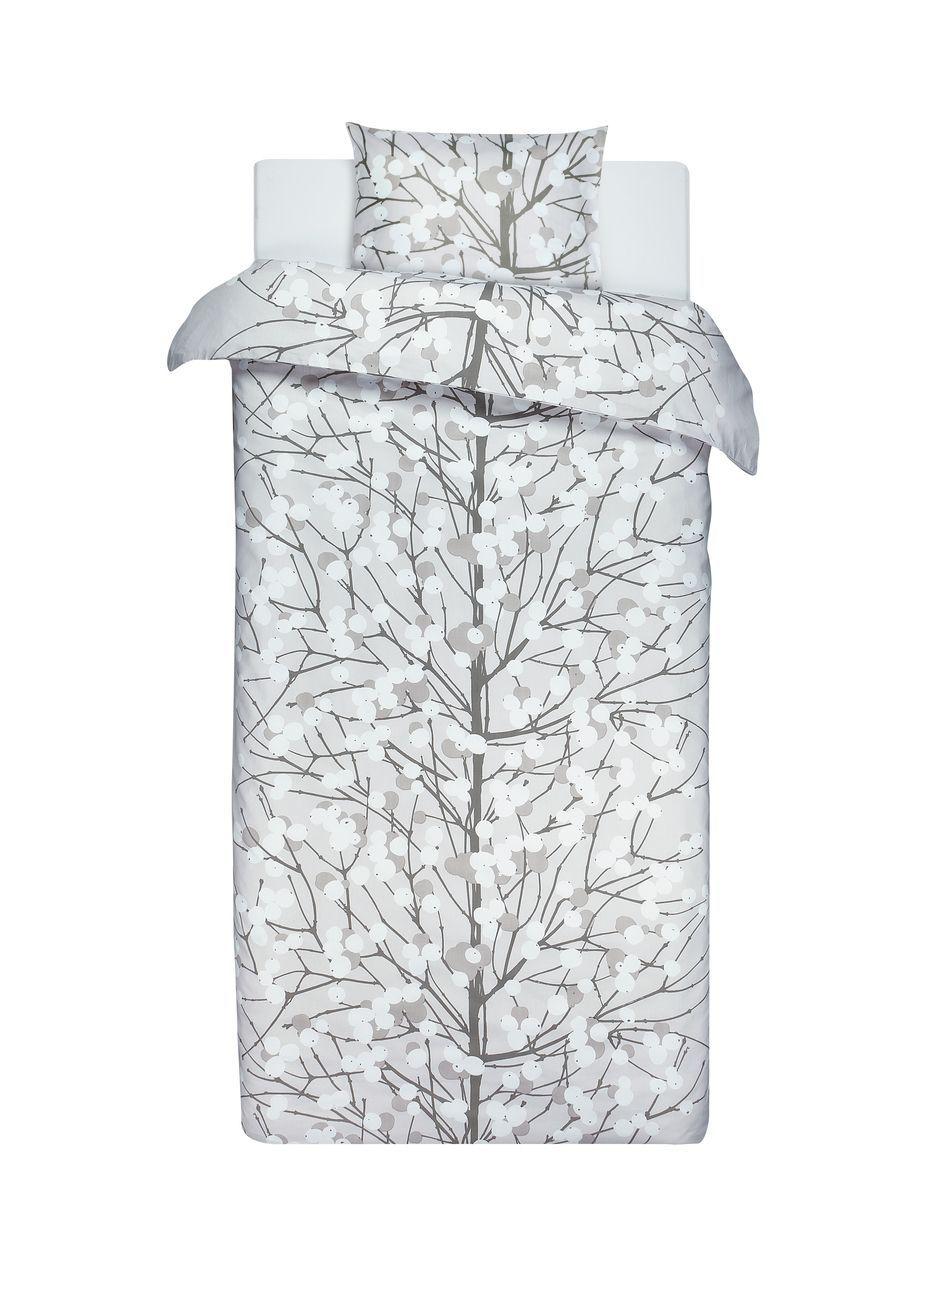 lumimarja pussilakanasetti beige valkoinen sisustustuotteet makuuhuone pussilakanat. Black Bedroom Furniture Sets. Home Design Ideas